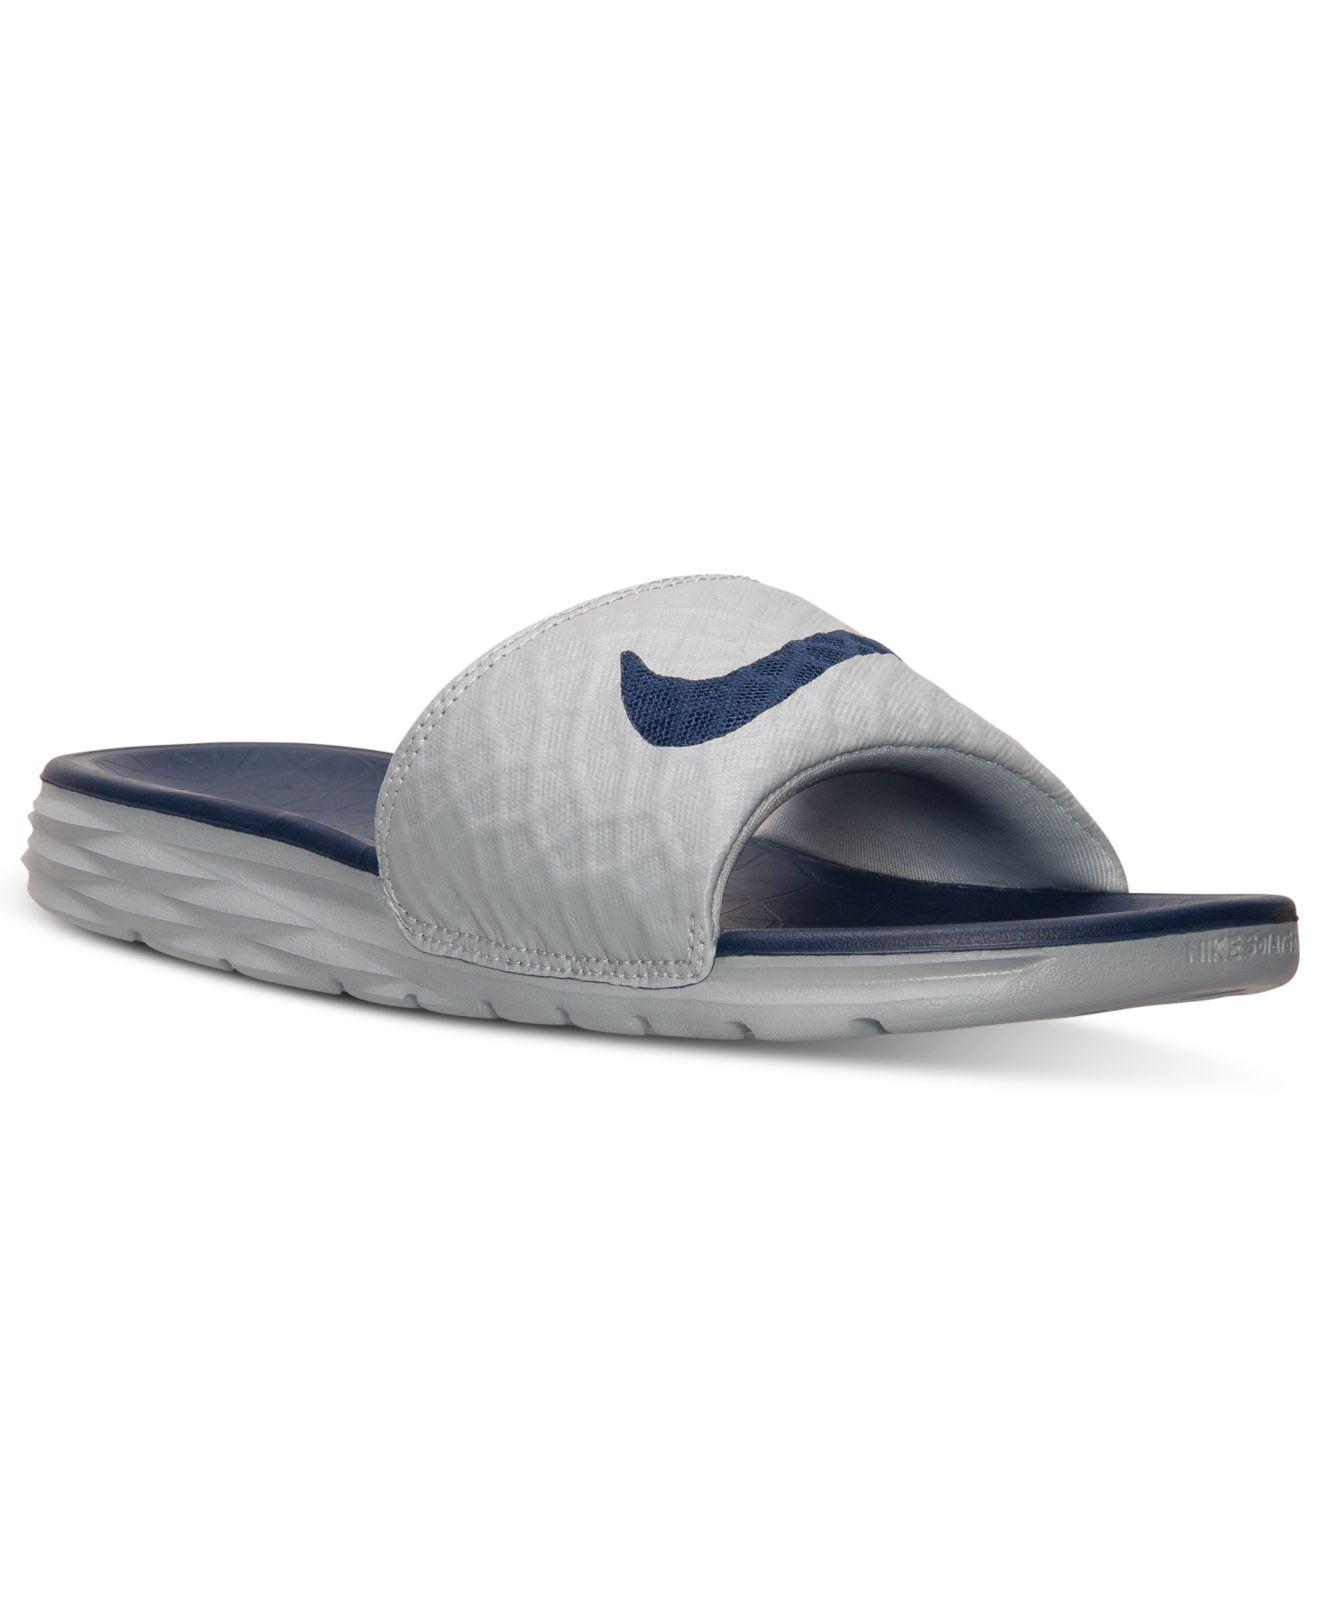 Lyst - Nike Men s Benassi Solarsoft Slide 2 Sandals From Finish Line ... 50fc4399c17